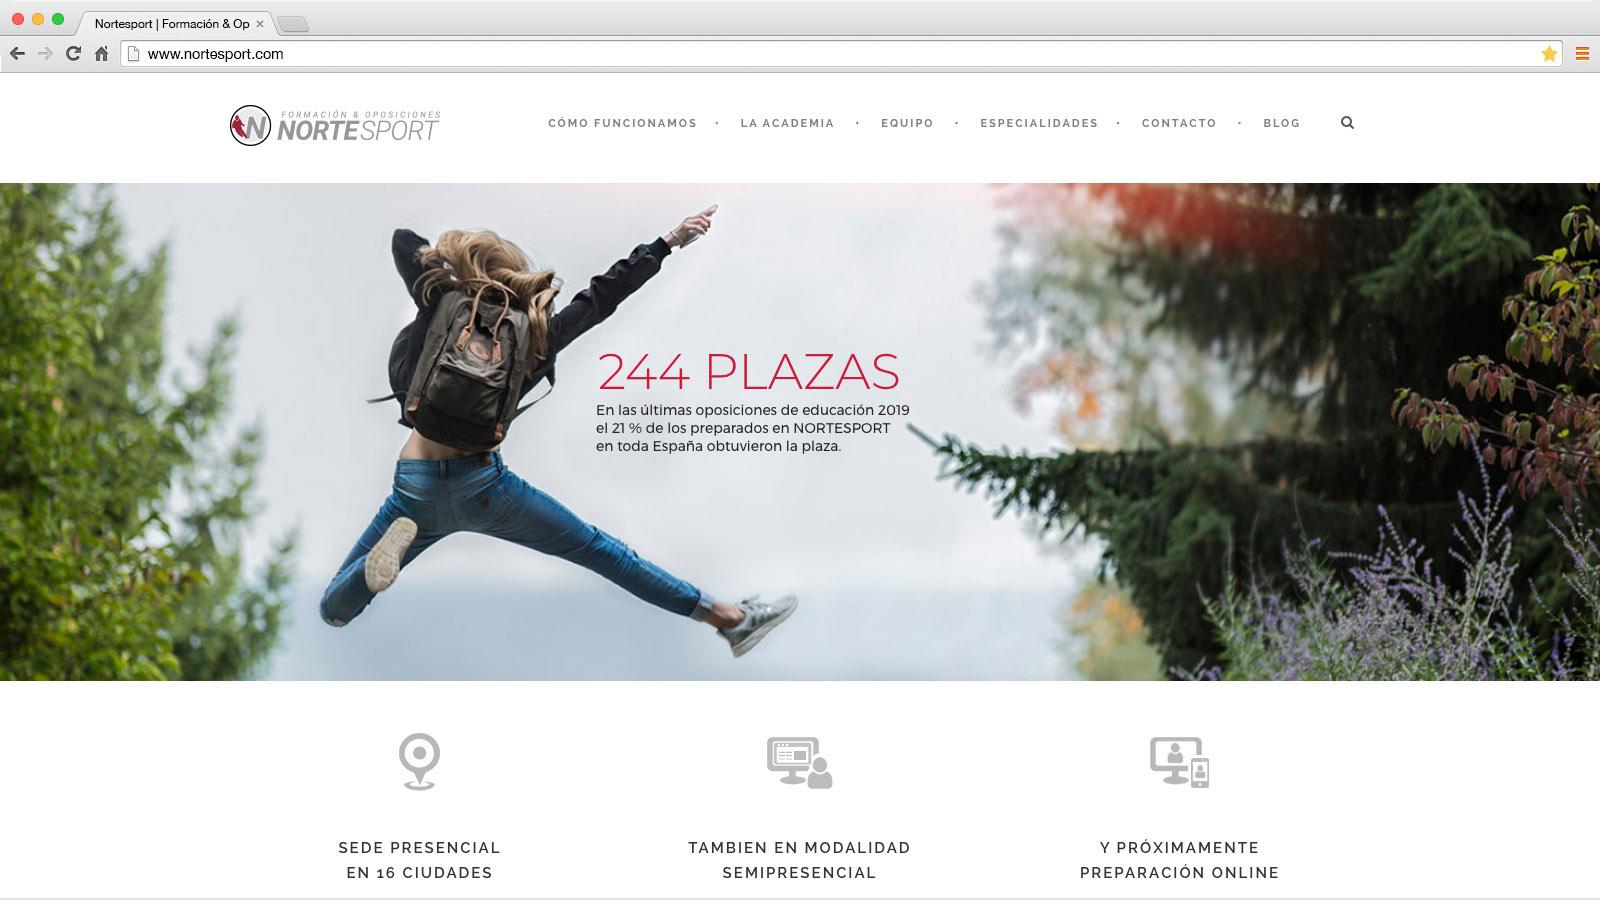 Website Nortesport Formación & Oposiciones- víctor merino | vídeo marketing online